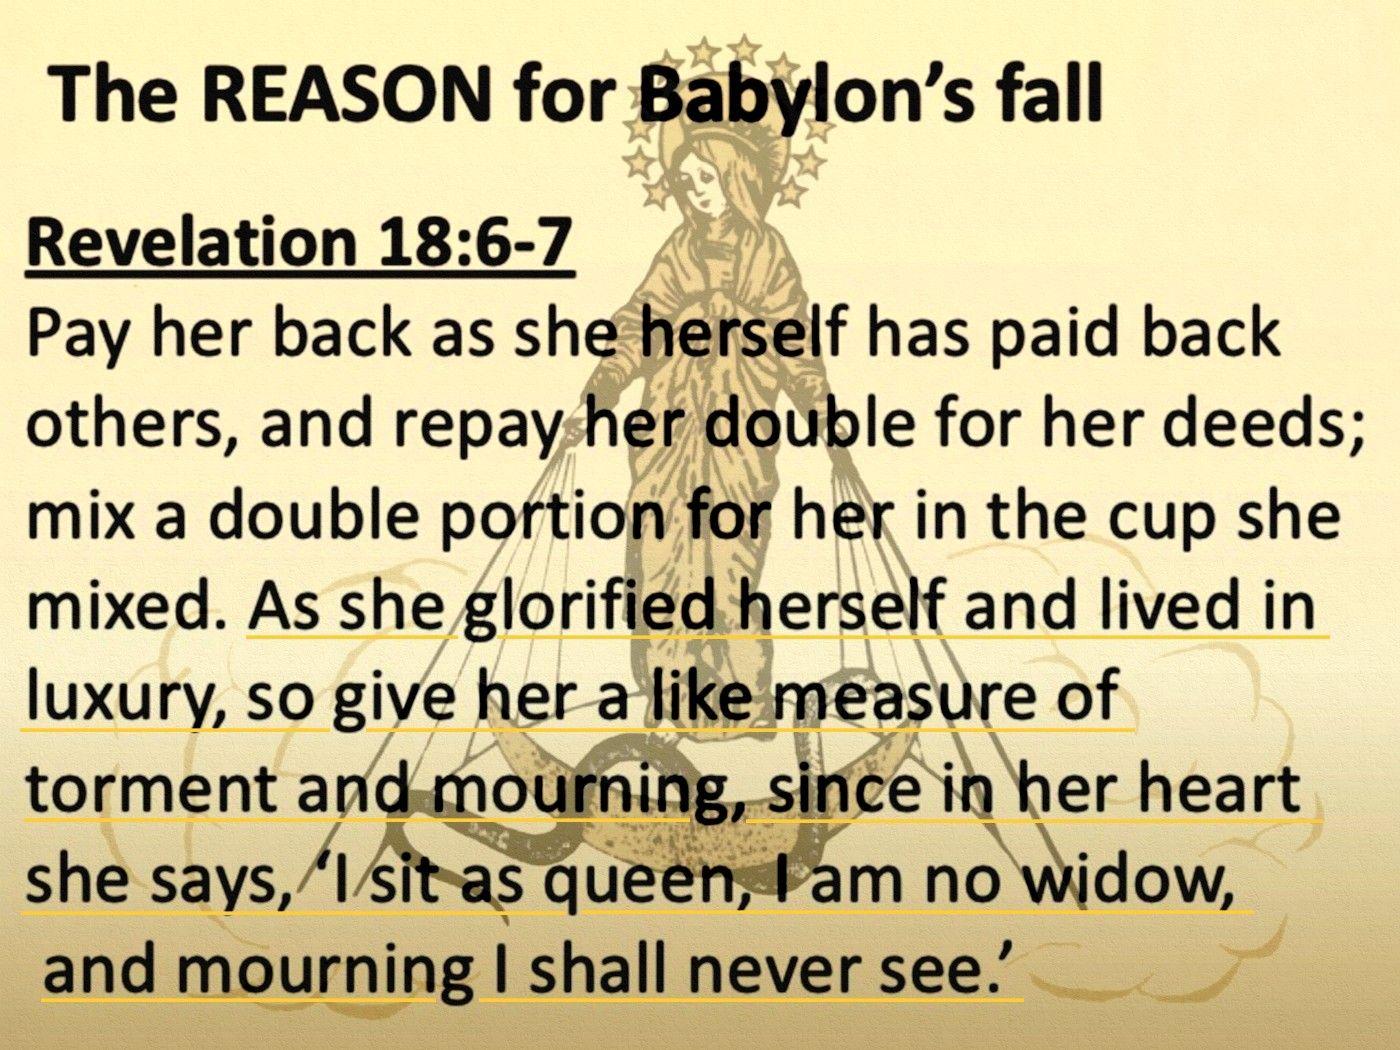 Revelation 18:6-7 | Revelation, Scripture, Babylon